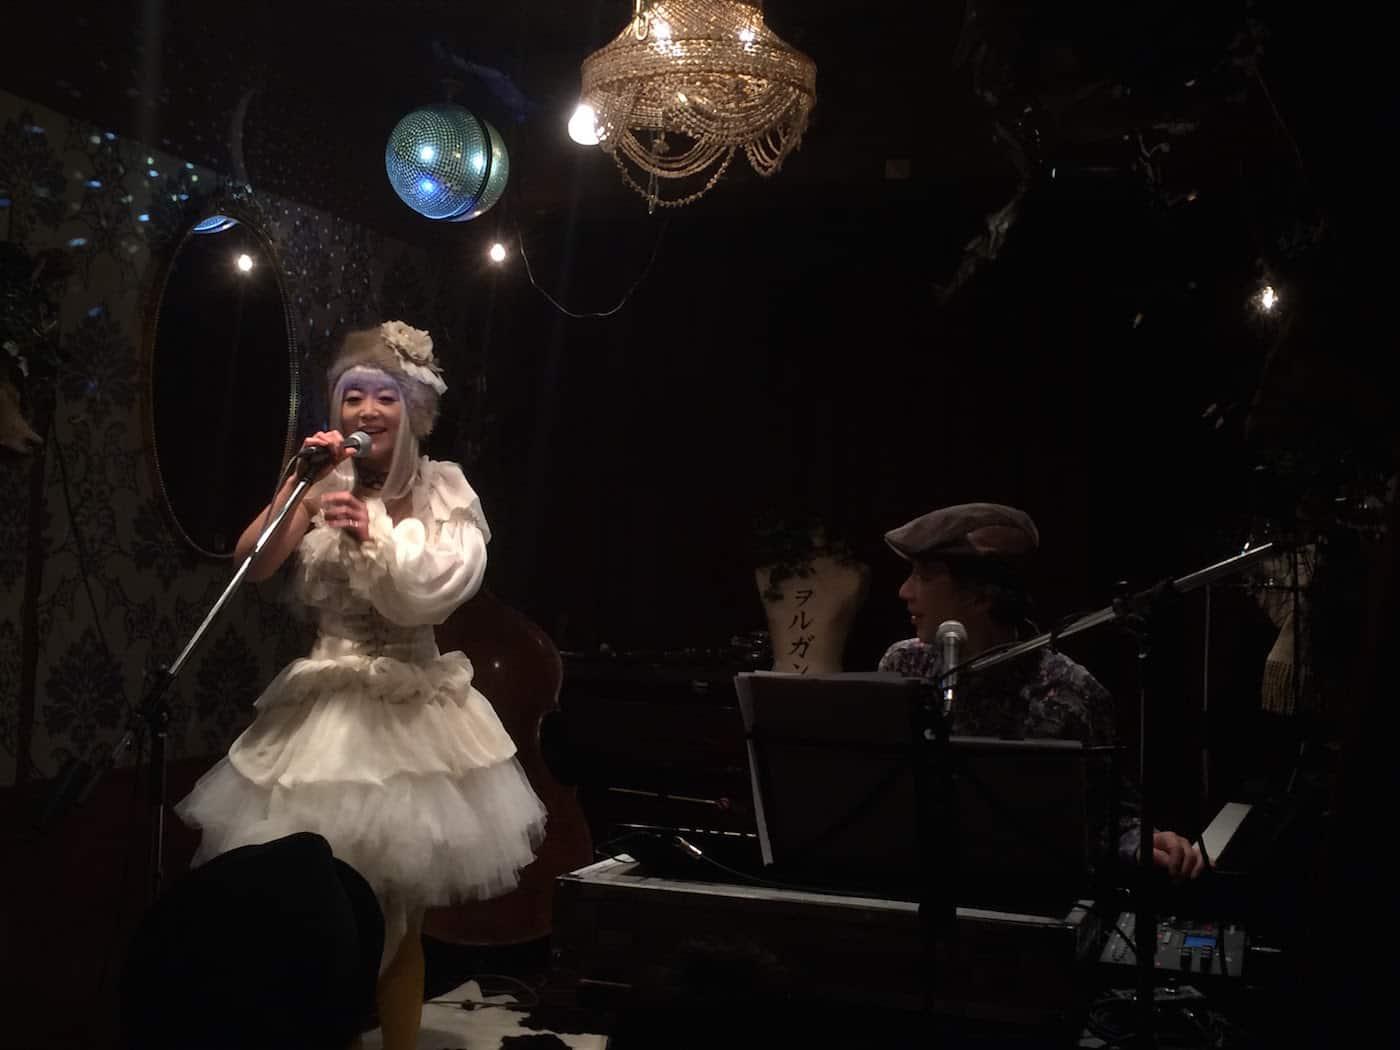 Goto Izumi performing at Organza in Hiroshima, Japan